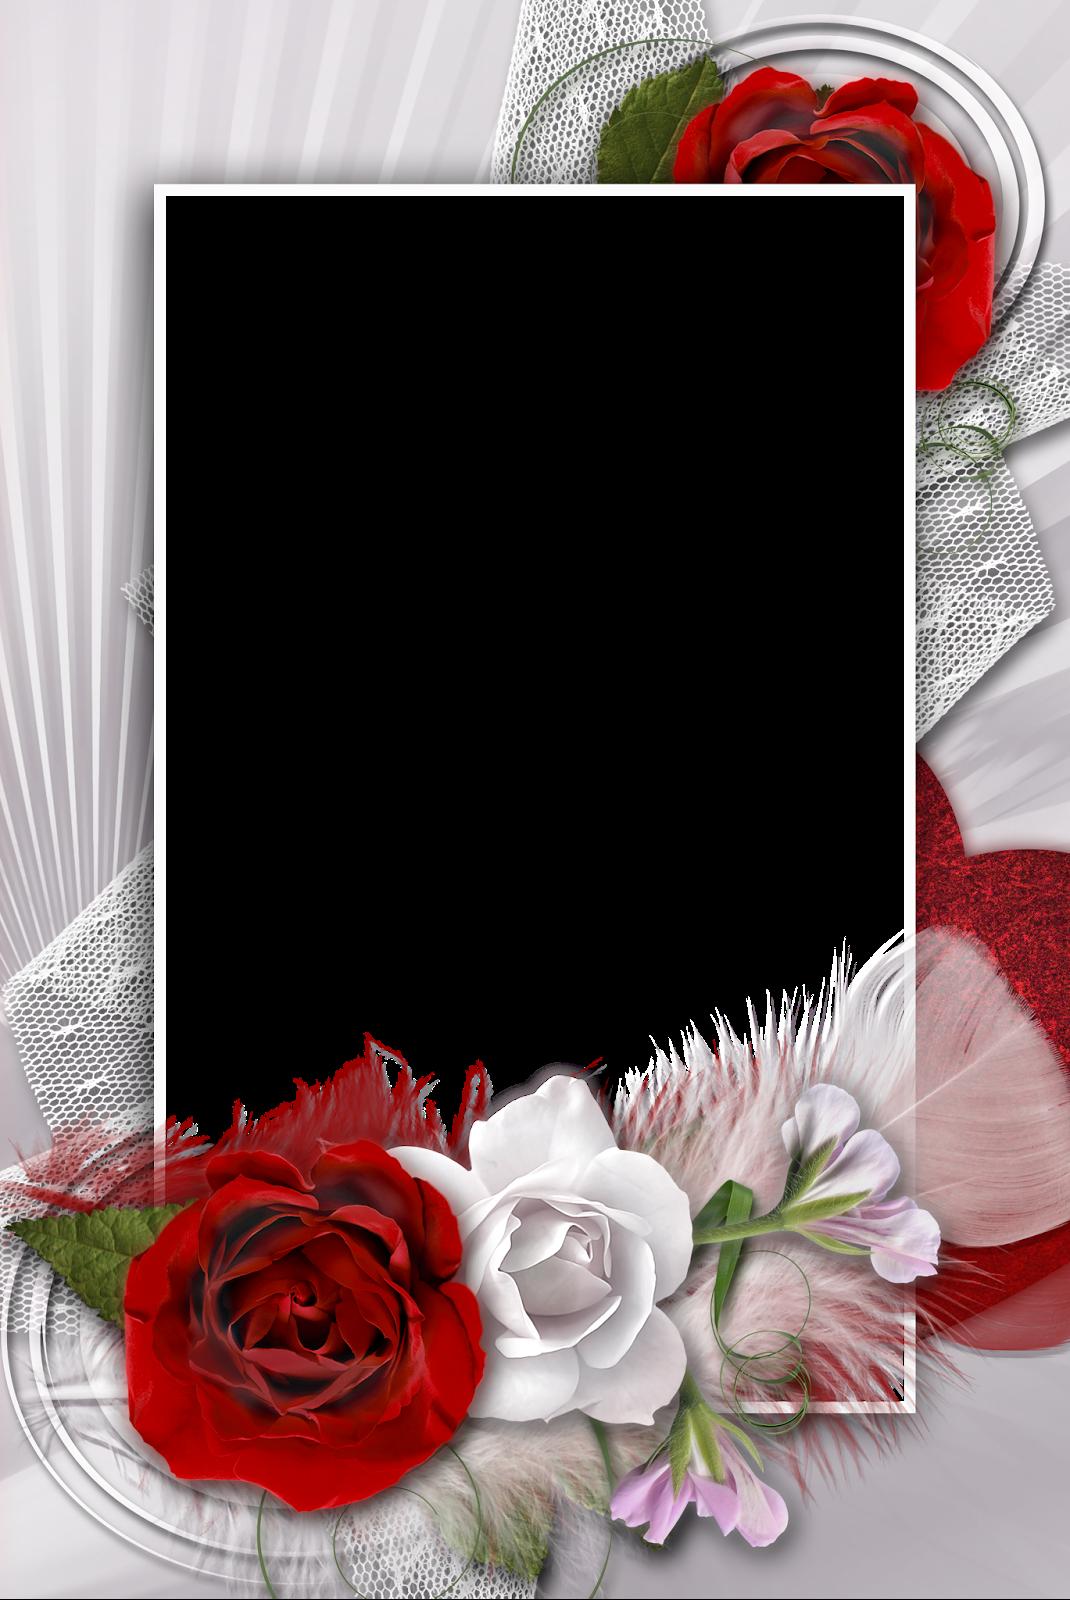 Banco de imagenes 9 marcos frames o porta retratos para for Cuadros para poner fotos